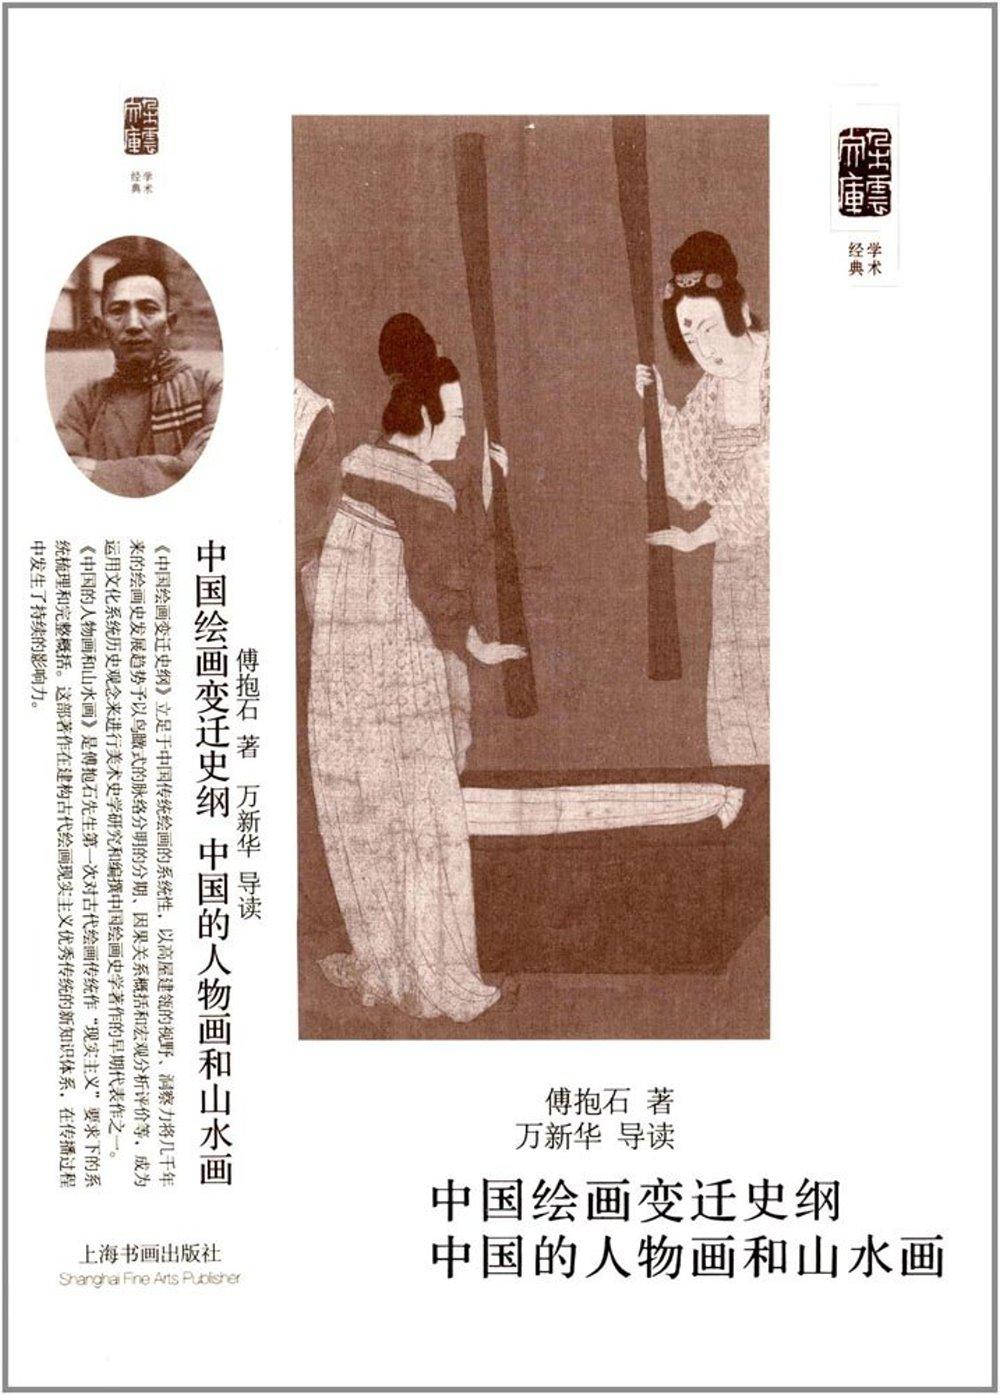 中國繪畫變遷史綱 中國的人物畫和山水畫